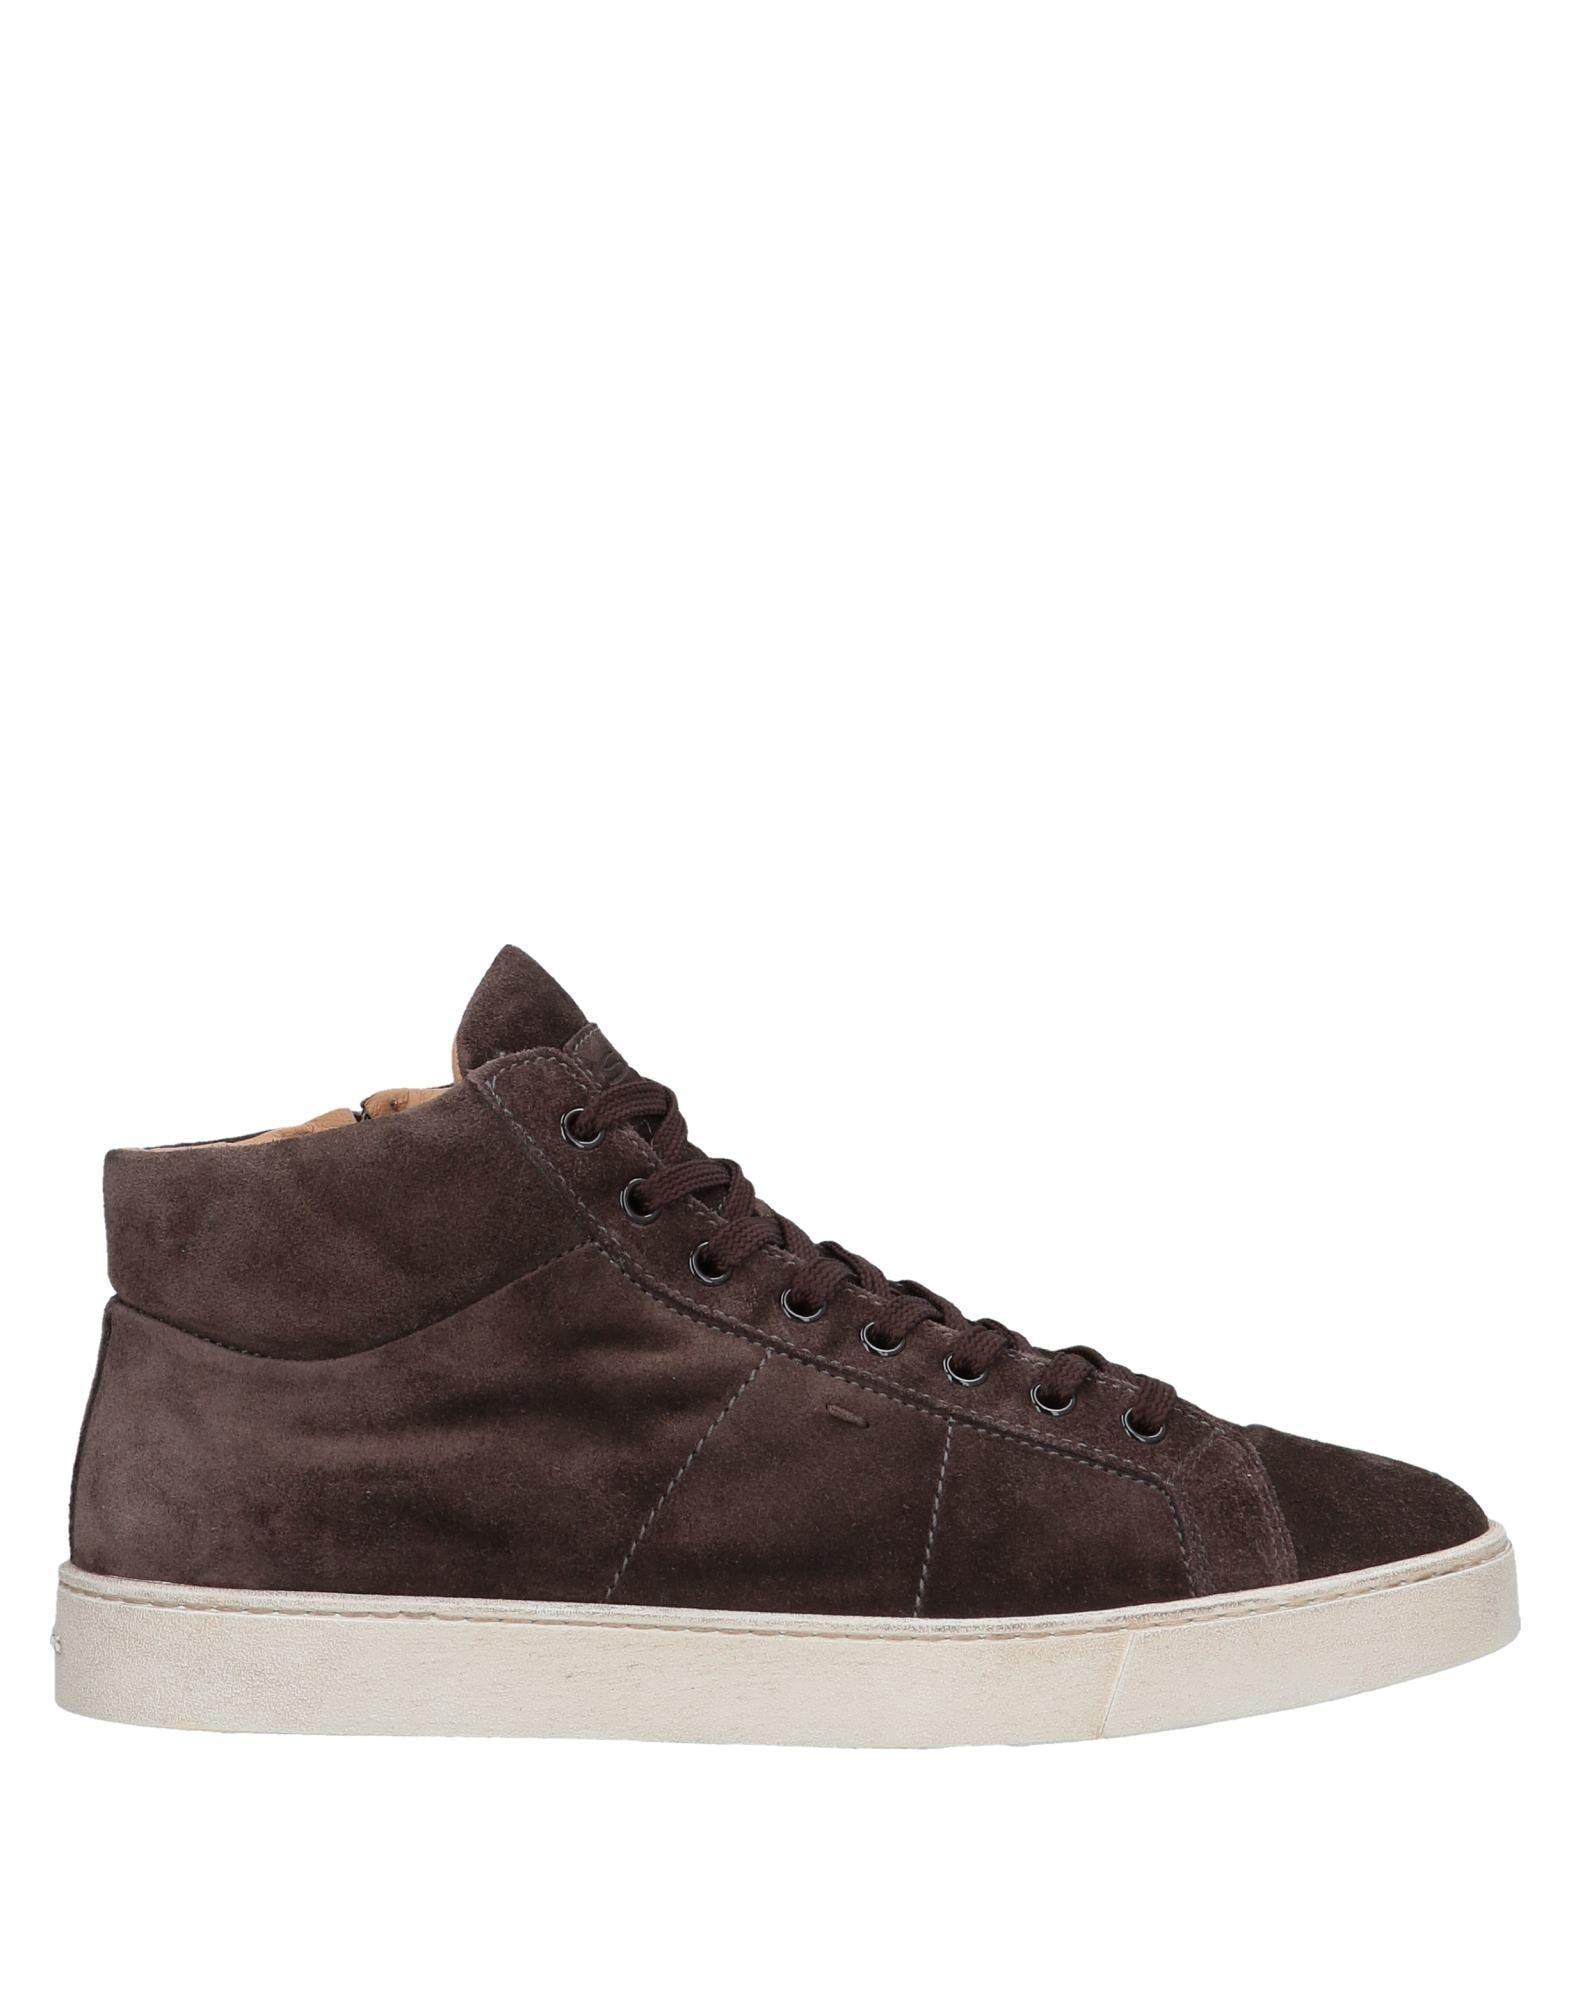 Santoni Sneakers Herren  11543316RA Gute Qualität beliebte Schuhe